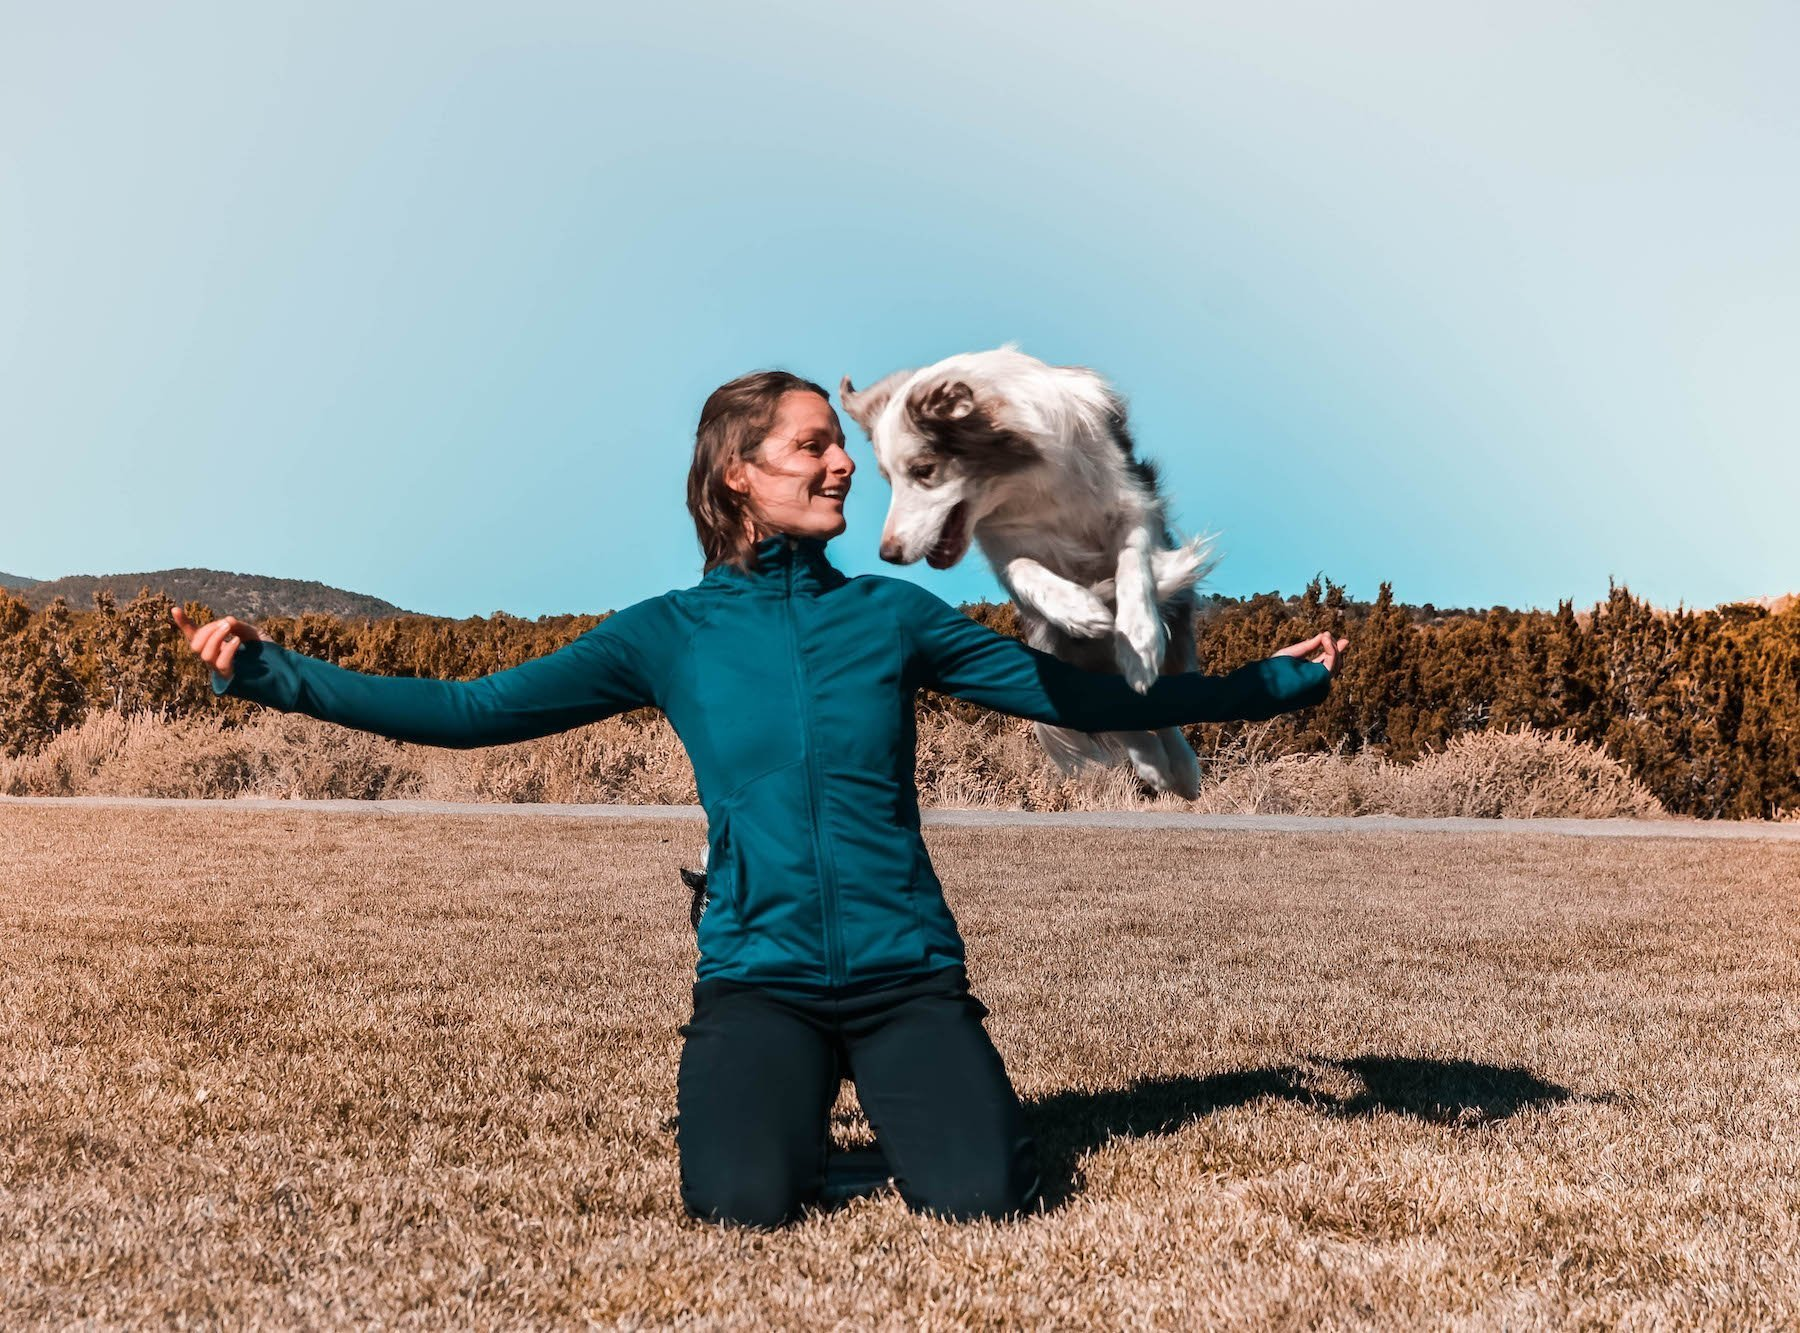 dog jump arm